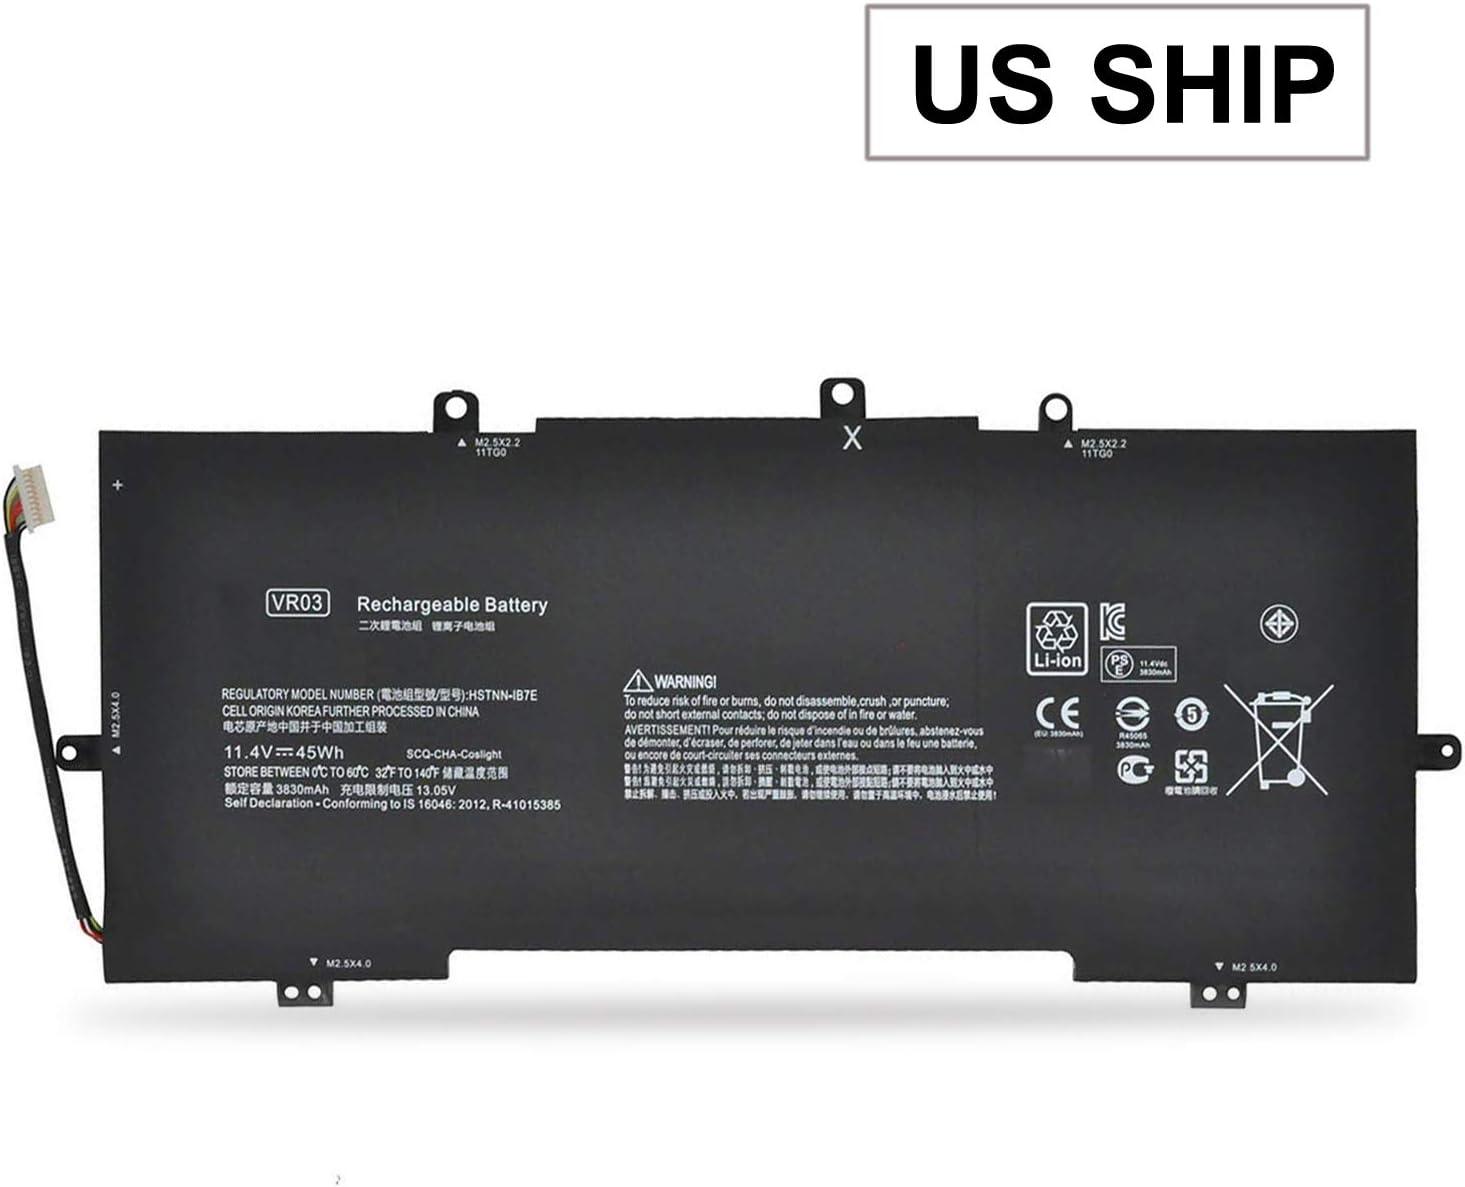 VR03XL Battery,VR03 Battery for HP Envy 13-d 13-d000 Series:13-d010nr 13-d008na 13-d053s3 13-d040wm 13-d049tu 13-d040nr 13-d010nr 13-d022tu 13-d006la 816497-1C1 816497-1C1 HSTNN-IB7E TPN-C120 EMAKS